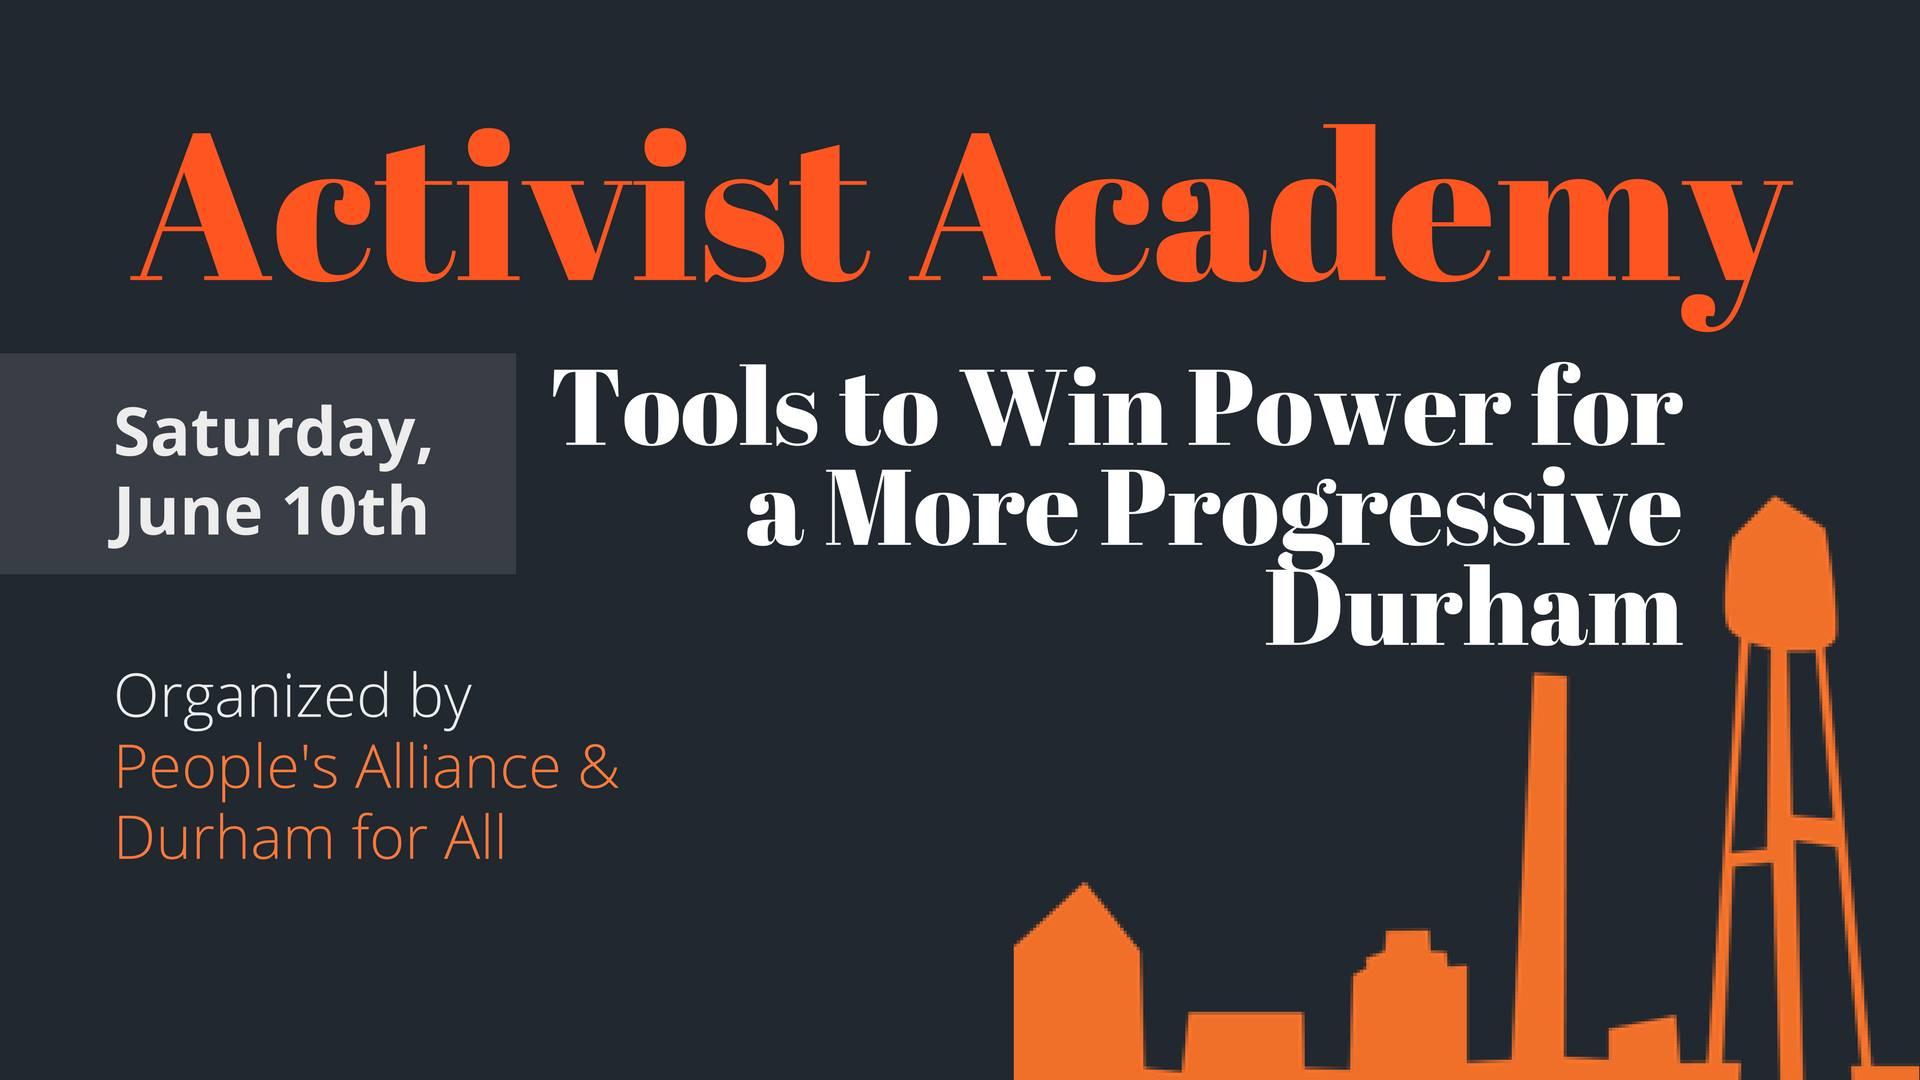 Activist_Academy.jpg